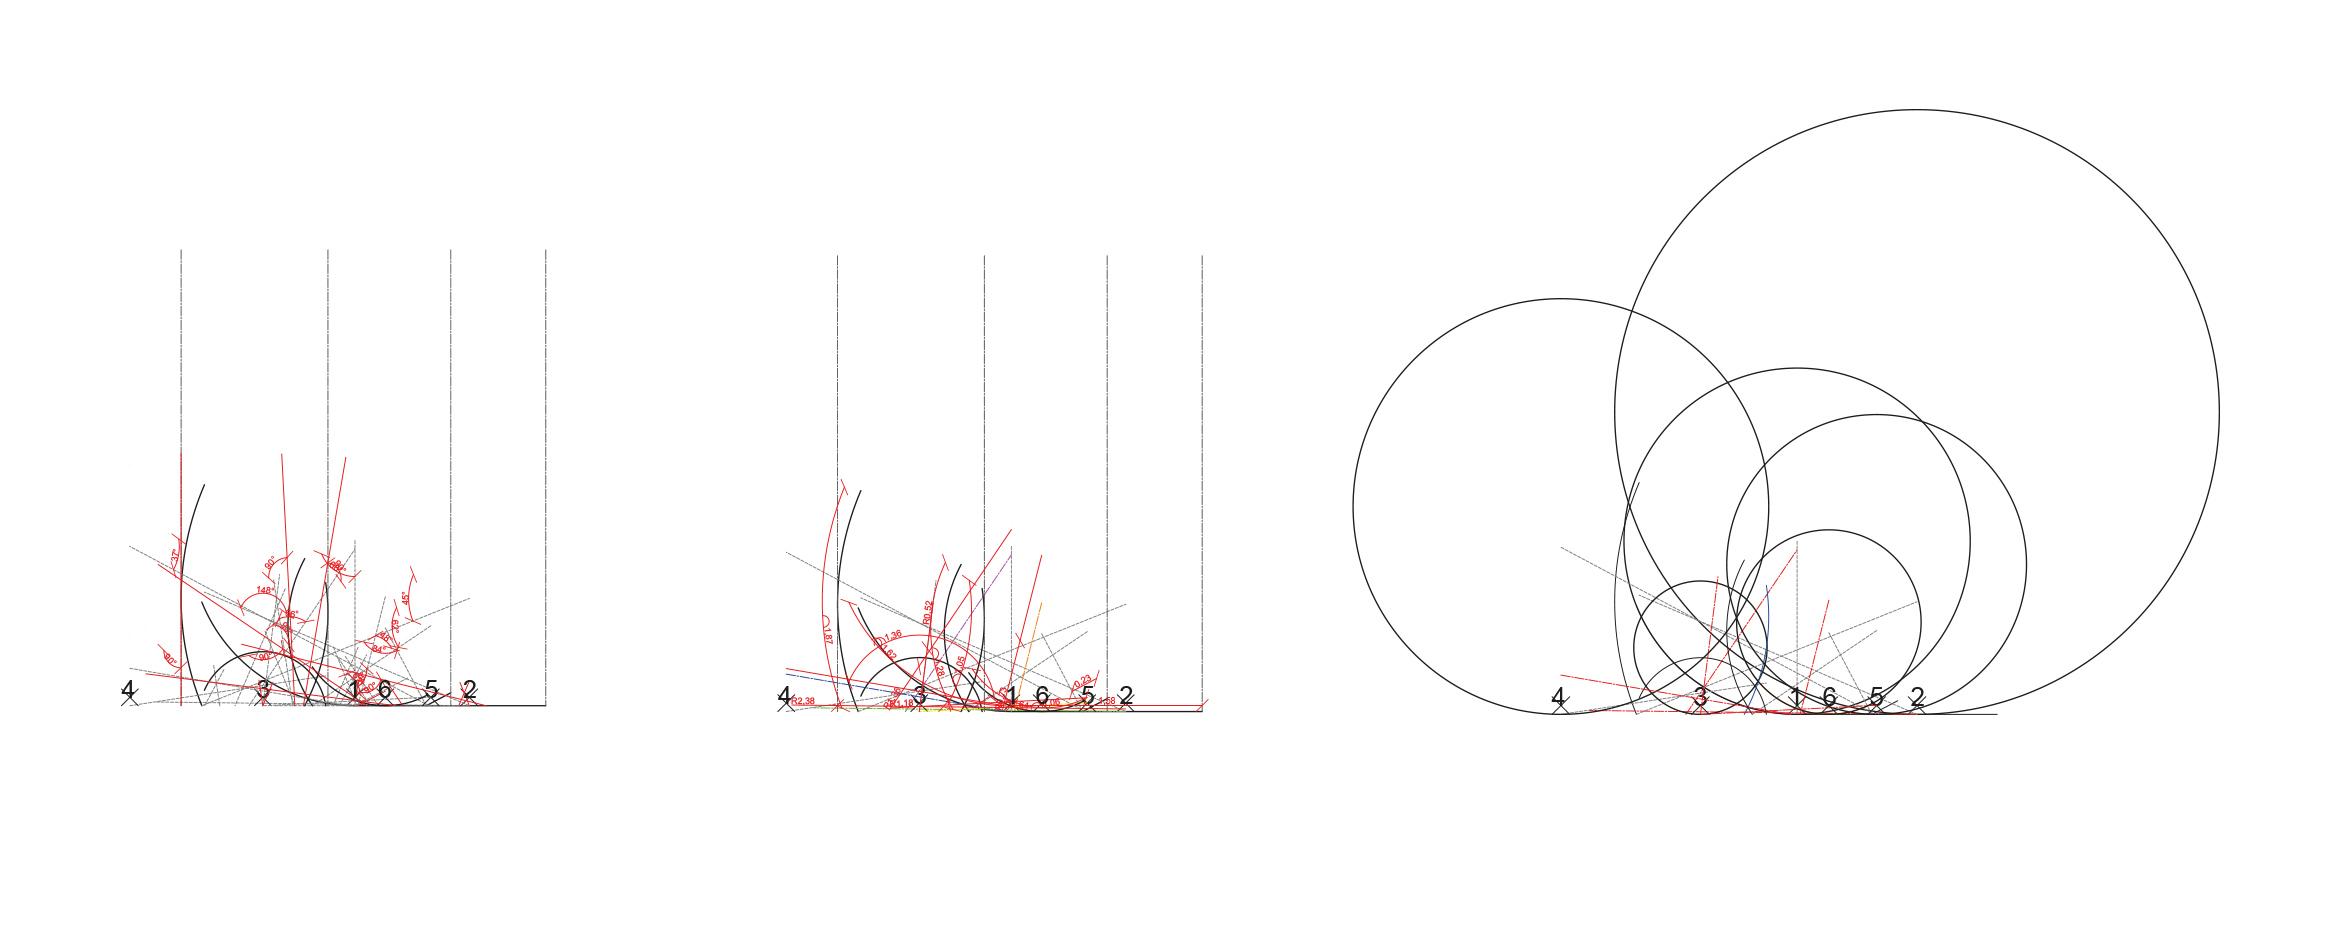 Estructuras 3#. Dibujo